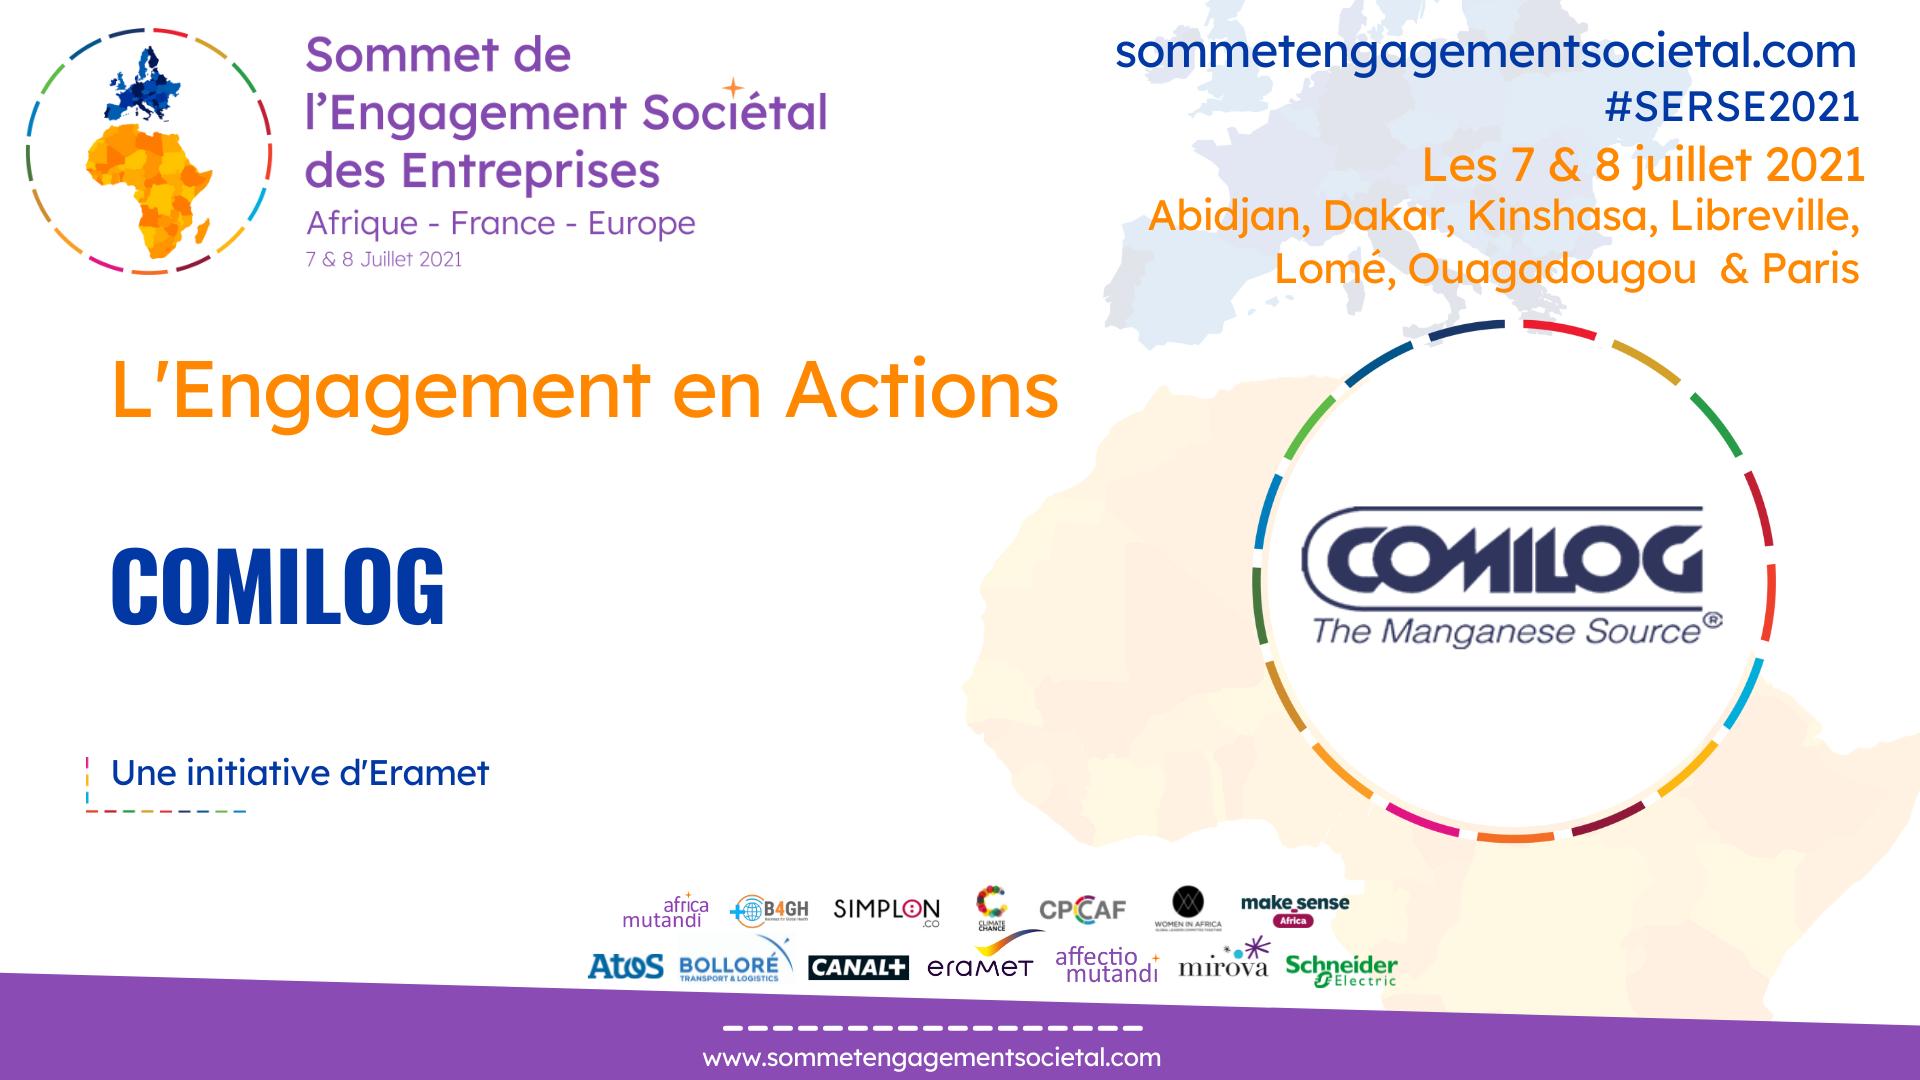 Comilog, une entreprise qui mise sur l'éducation et la formation au Gabon